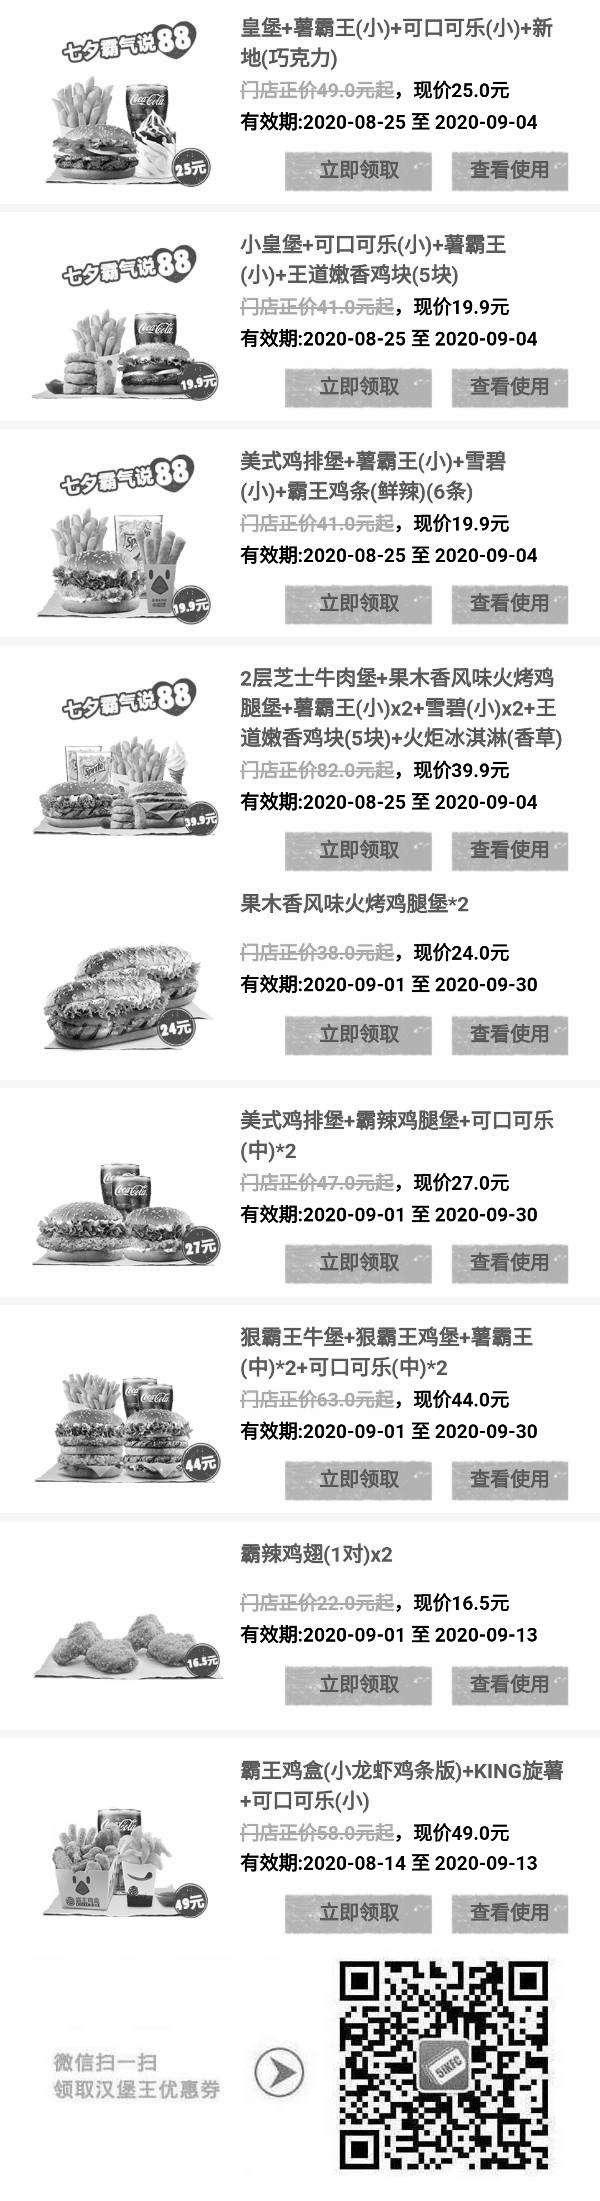 黑白优惠券图片:汉堡王2020年9月优惠券领取,双人套餐27元起 - www.5ikfc.com